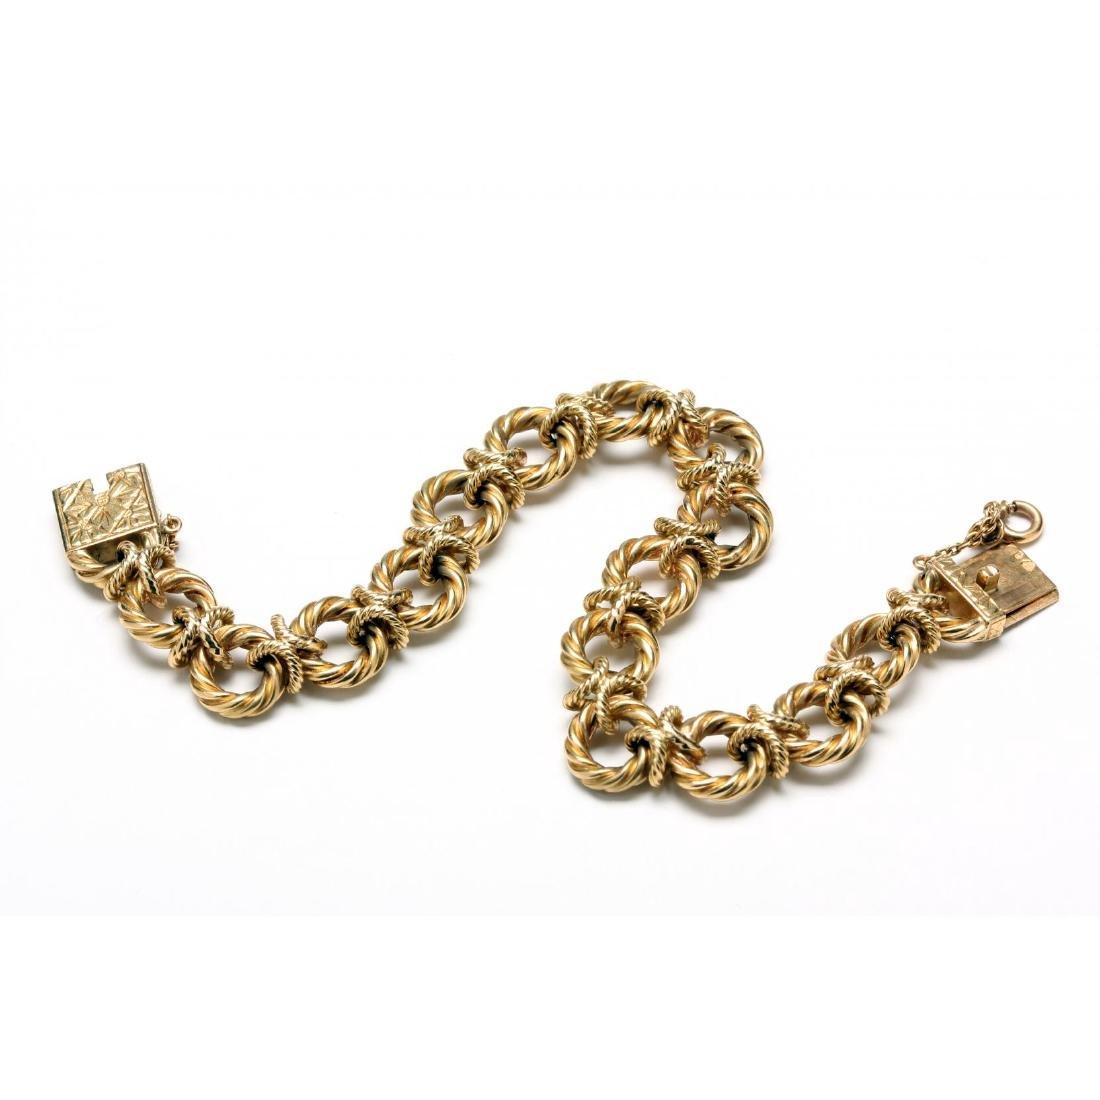 Vintage 18KT Gold Bracelet